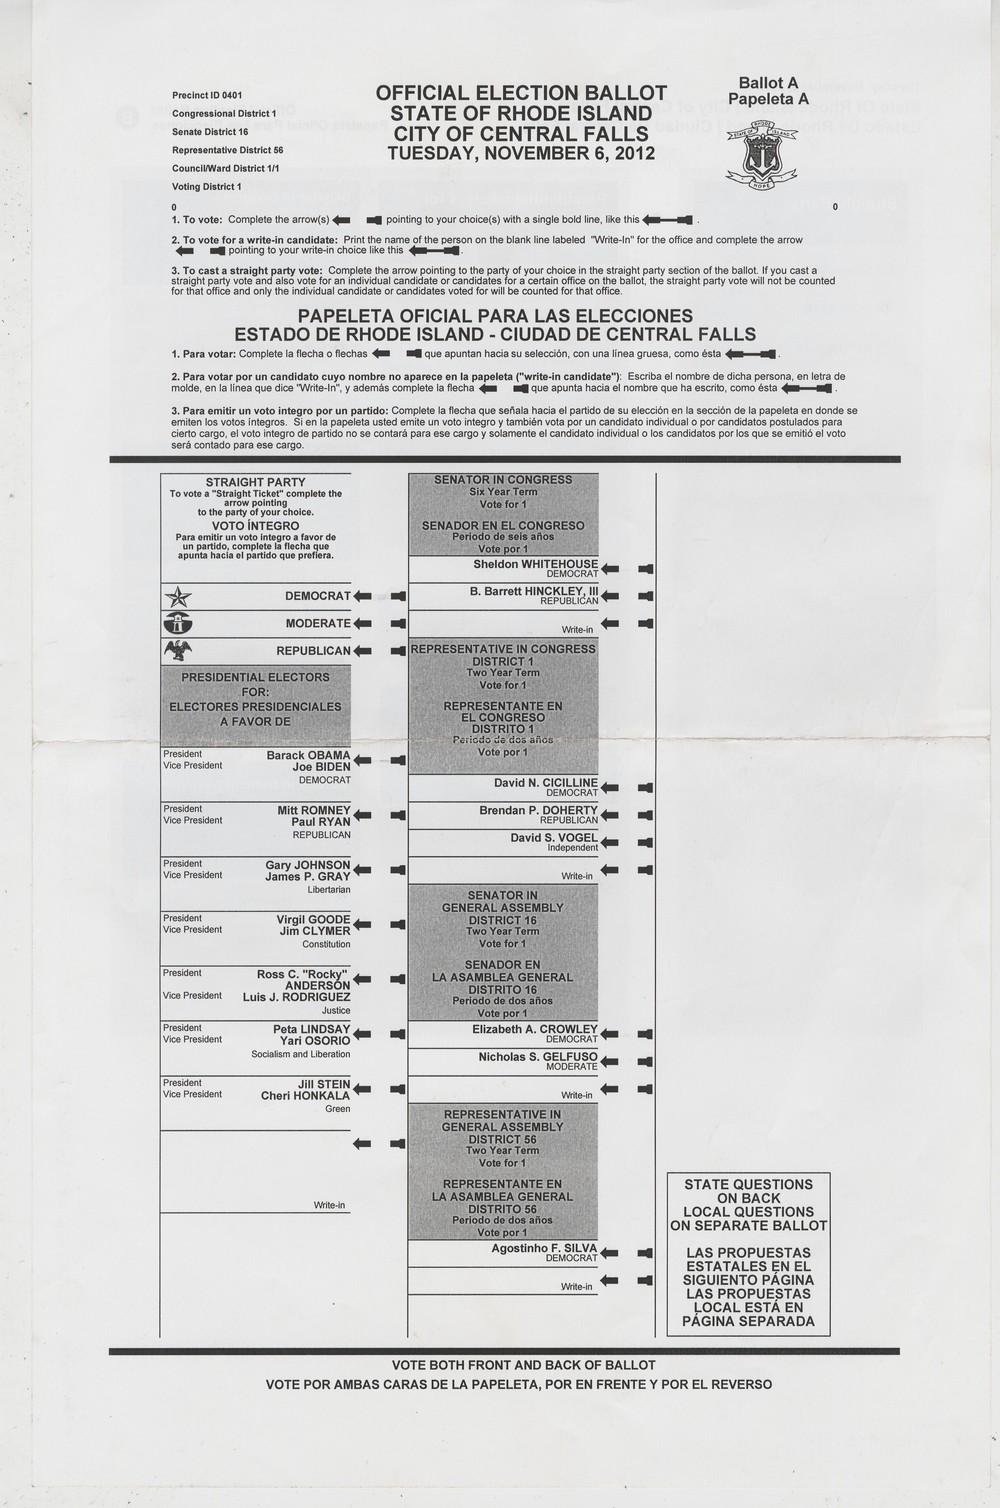 ballot_09a.jpg